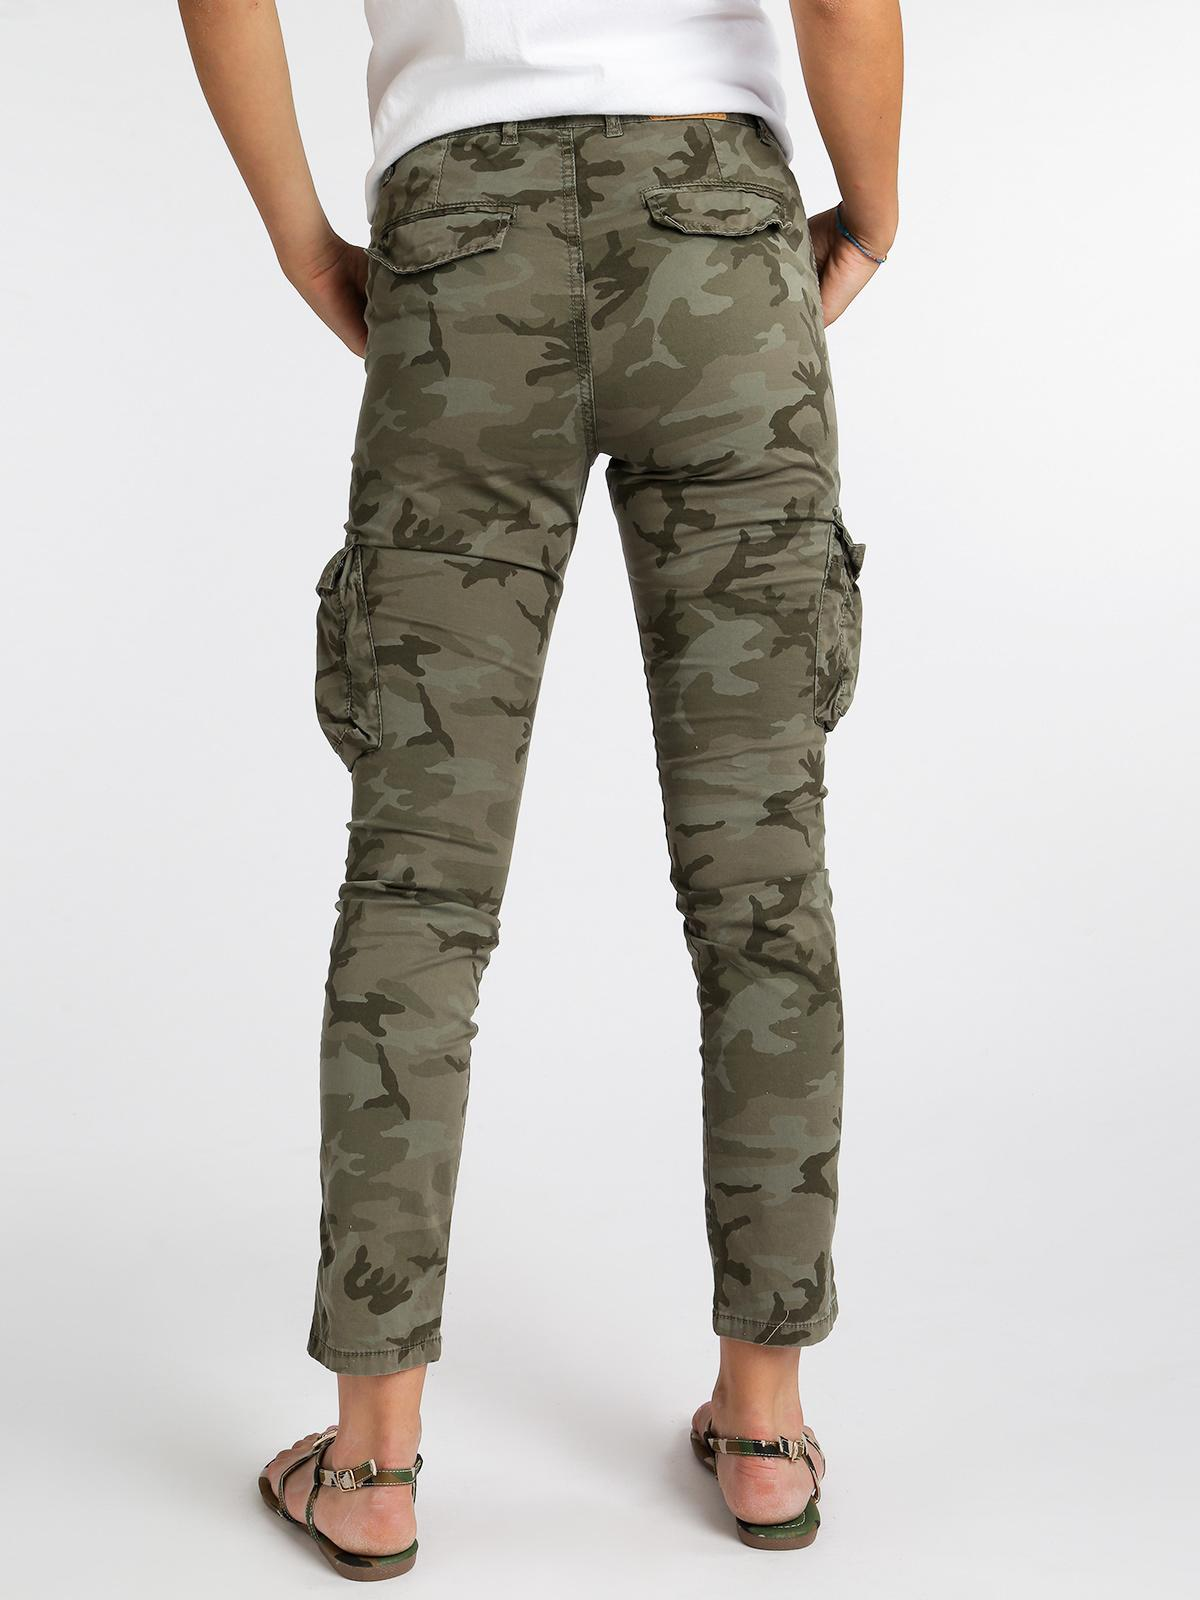 pantaloni cargo adidas